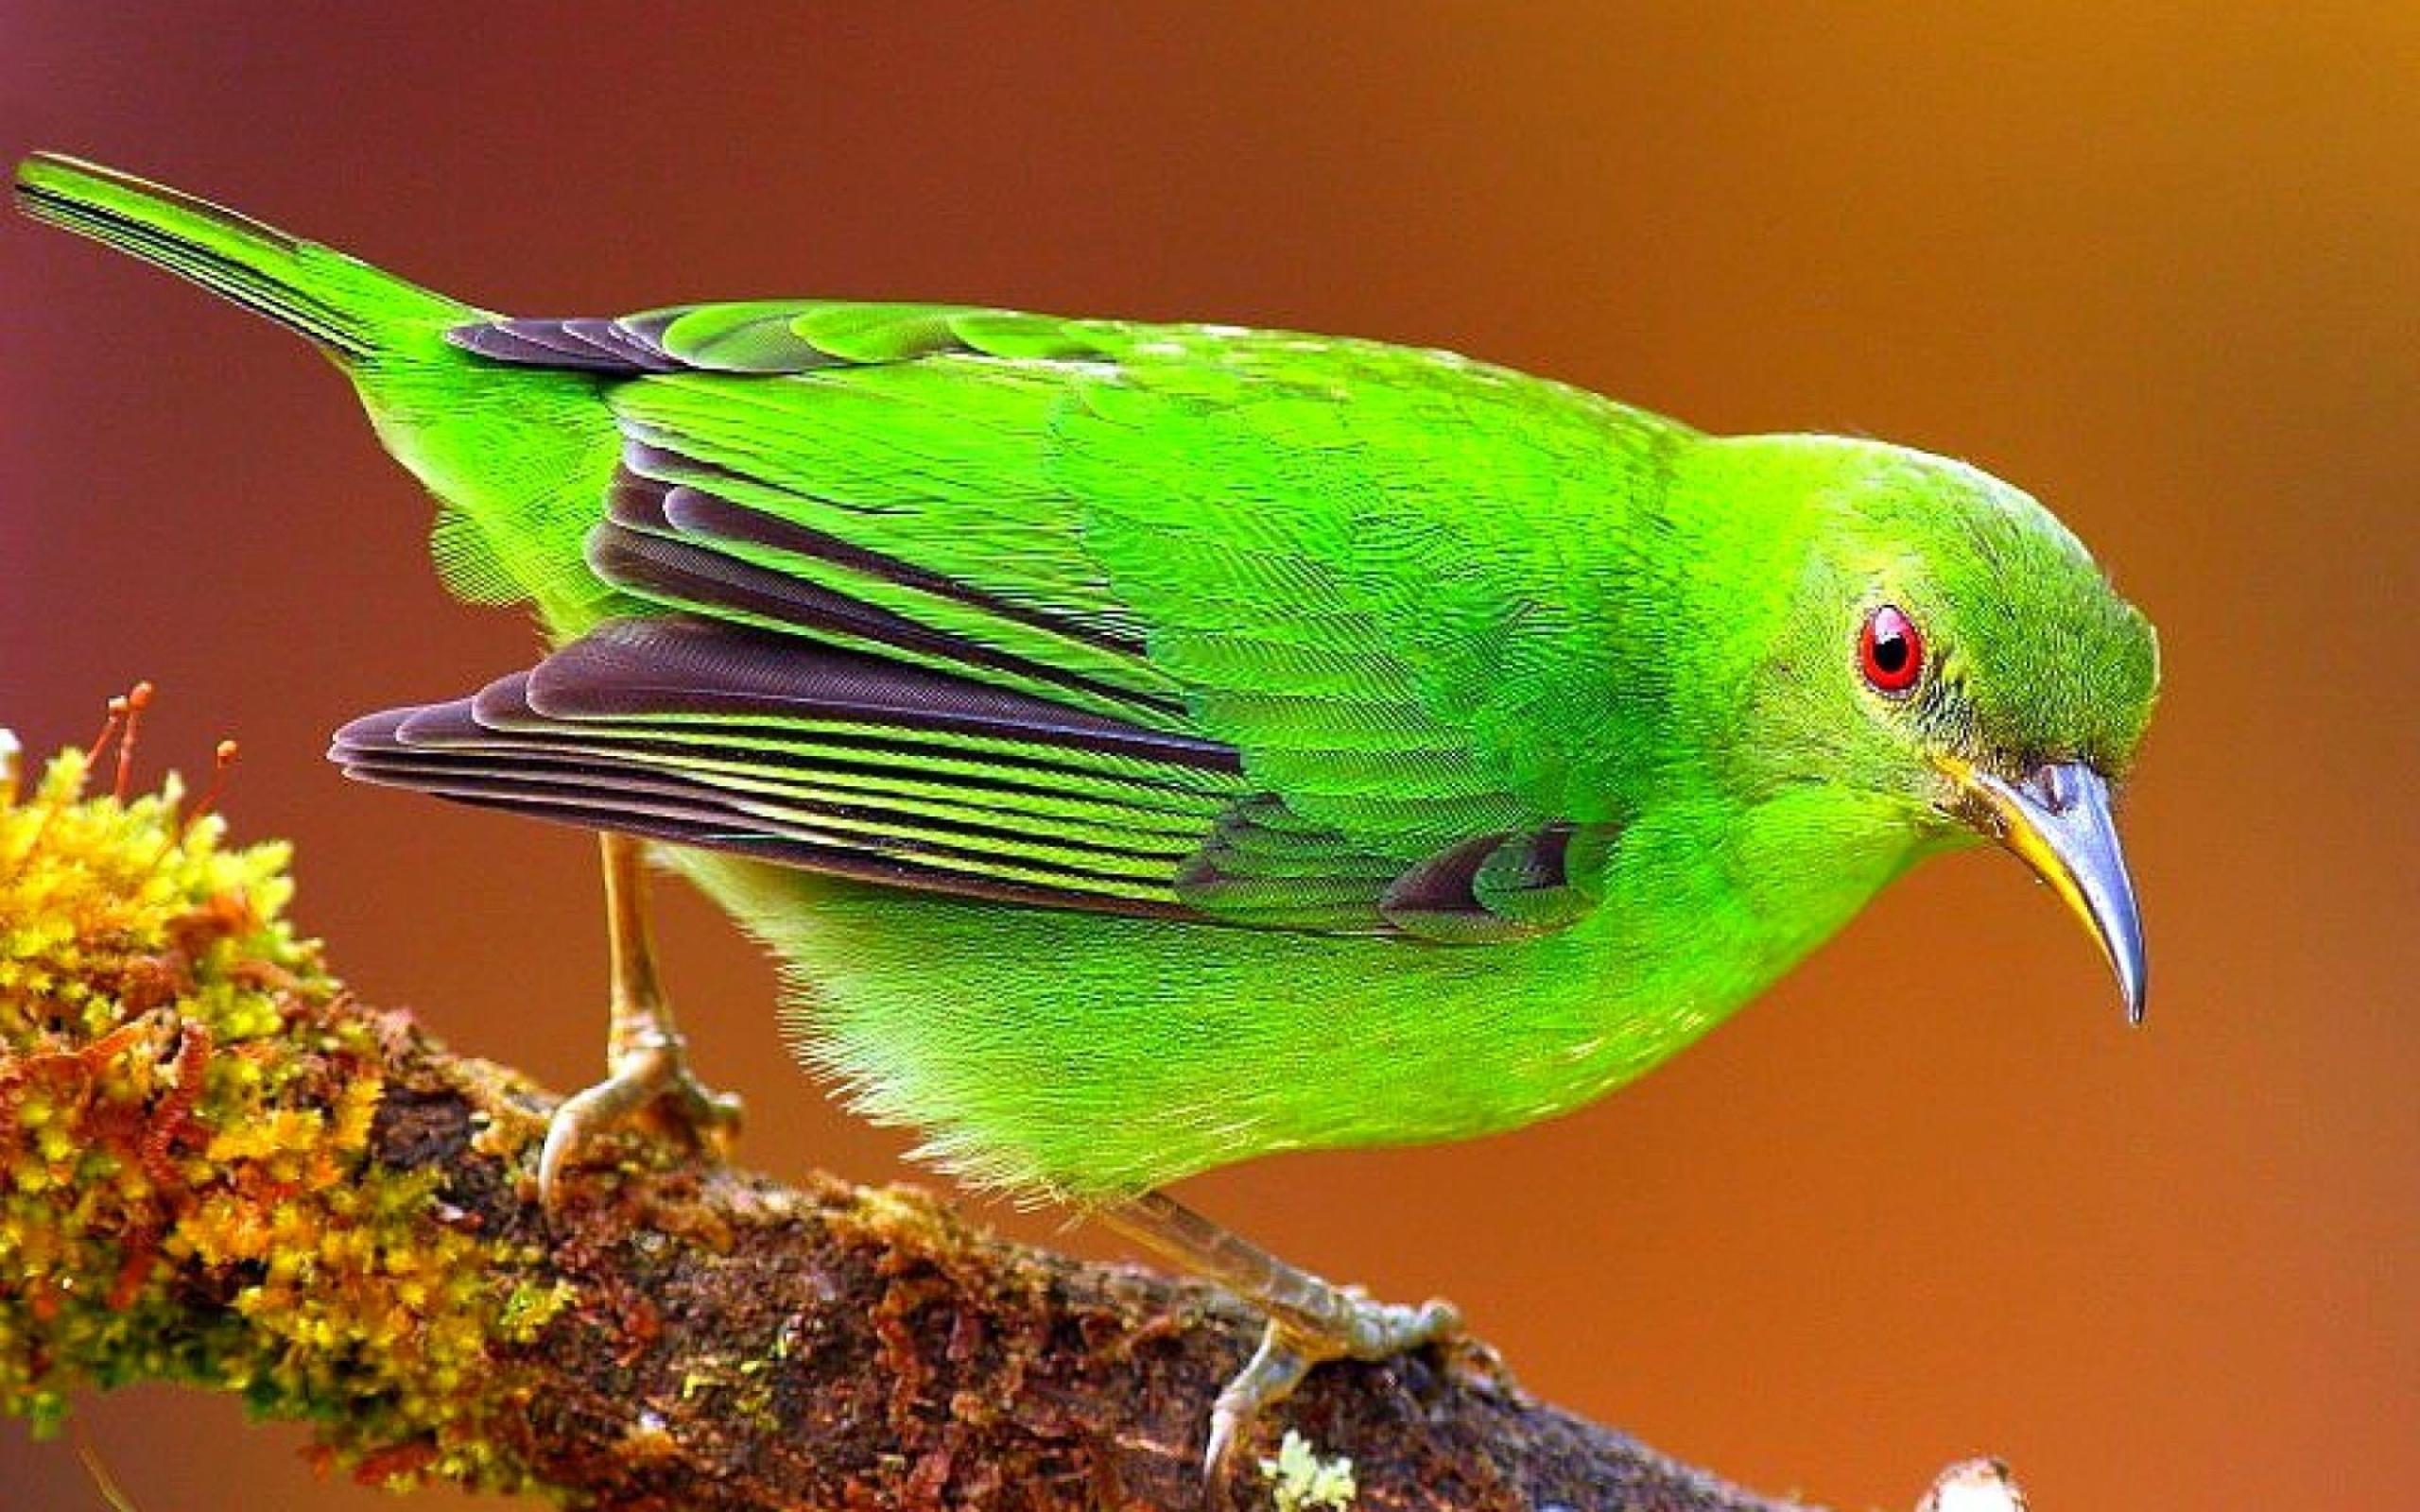 بالصور صور طيور جميله , زيني سطح المكتب بخلفيات تجنن 1837 3